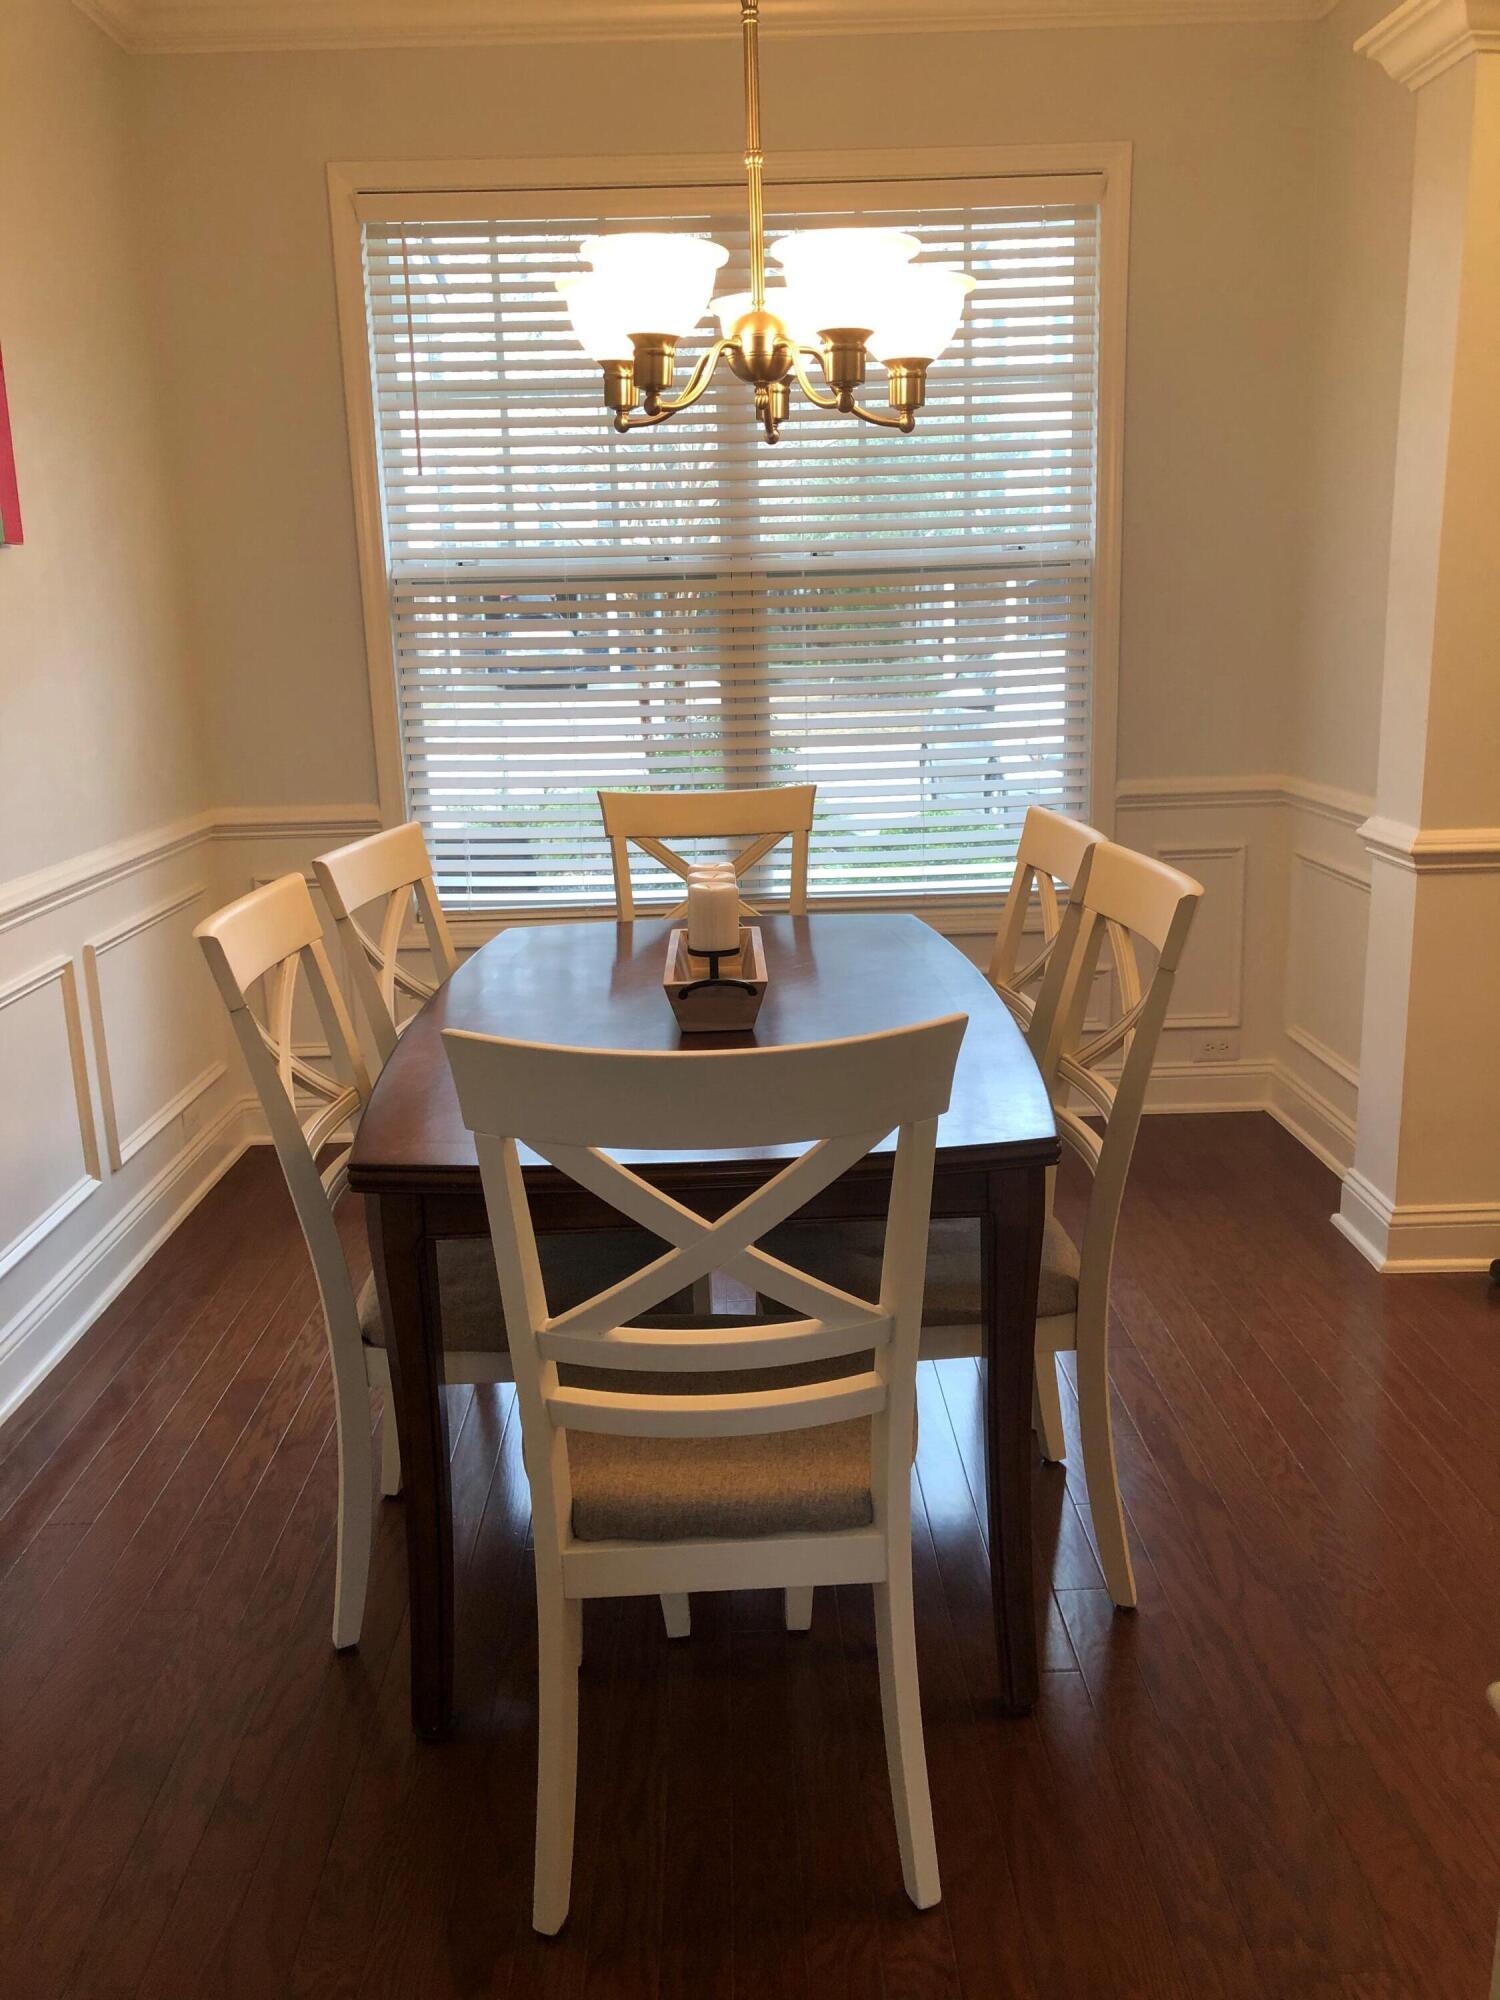 Park West Homes For Sale - 3643 Bagley, Mount Pleasant, SC - 34